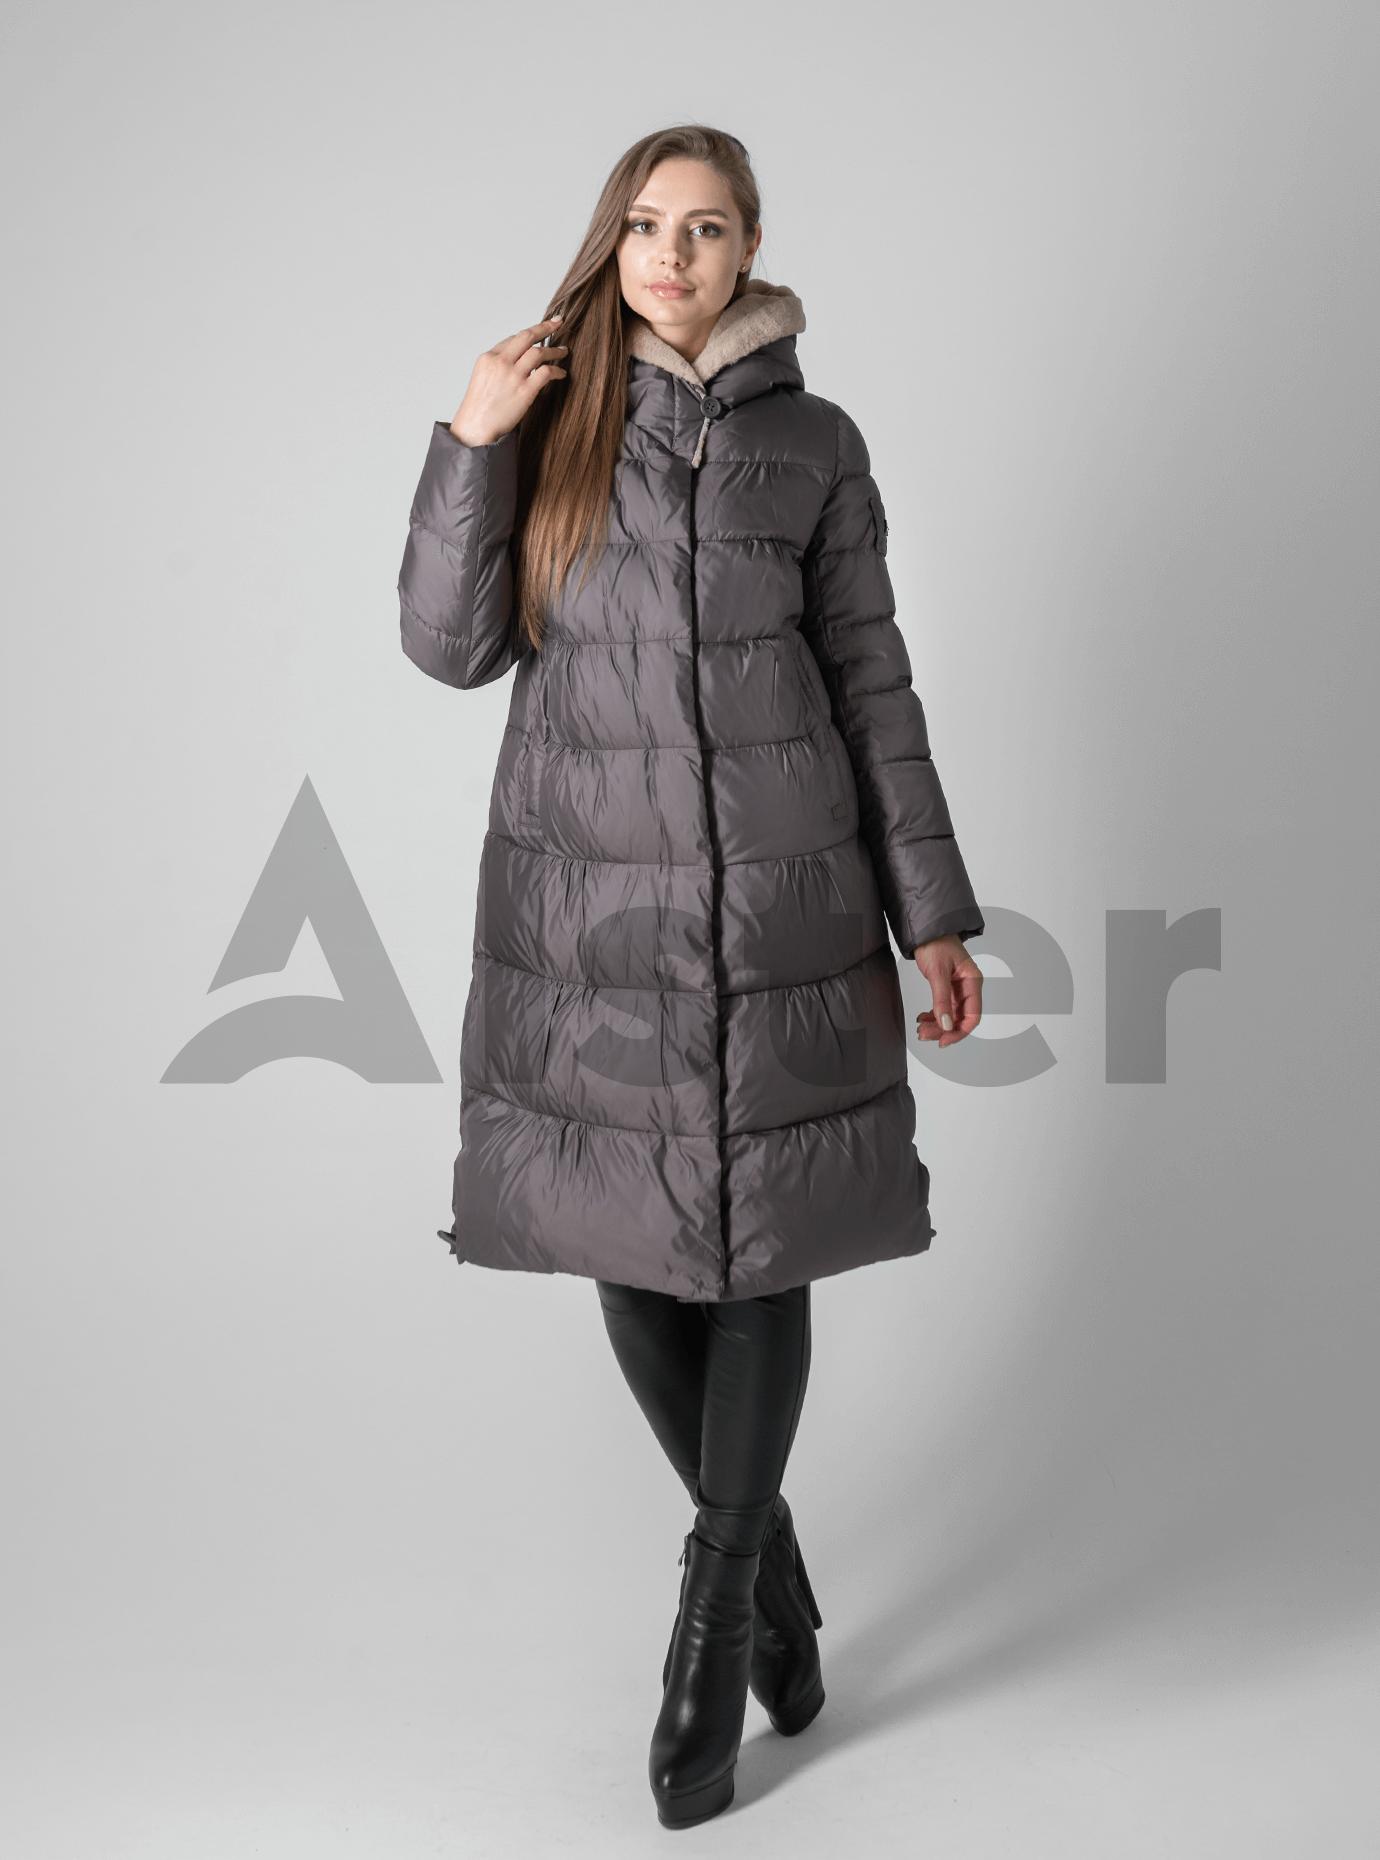 Куртка зимняя с мехом однотонная Бронзовый M (02-190128): фото - Alster.ua